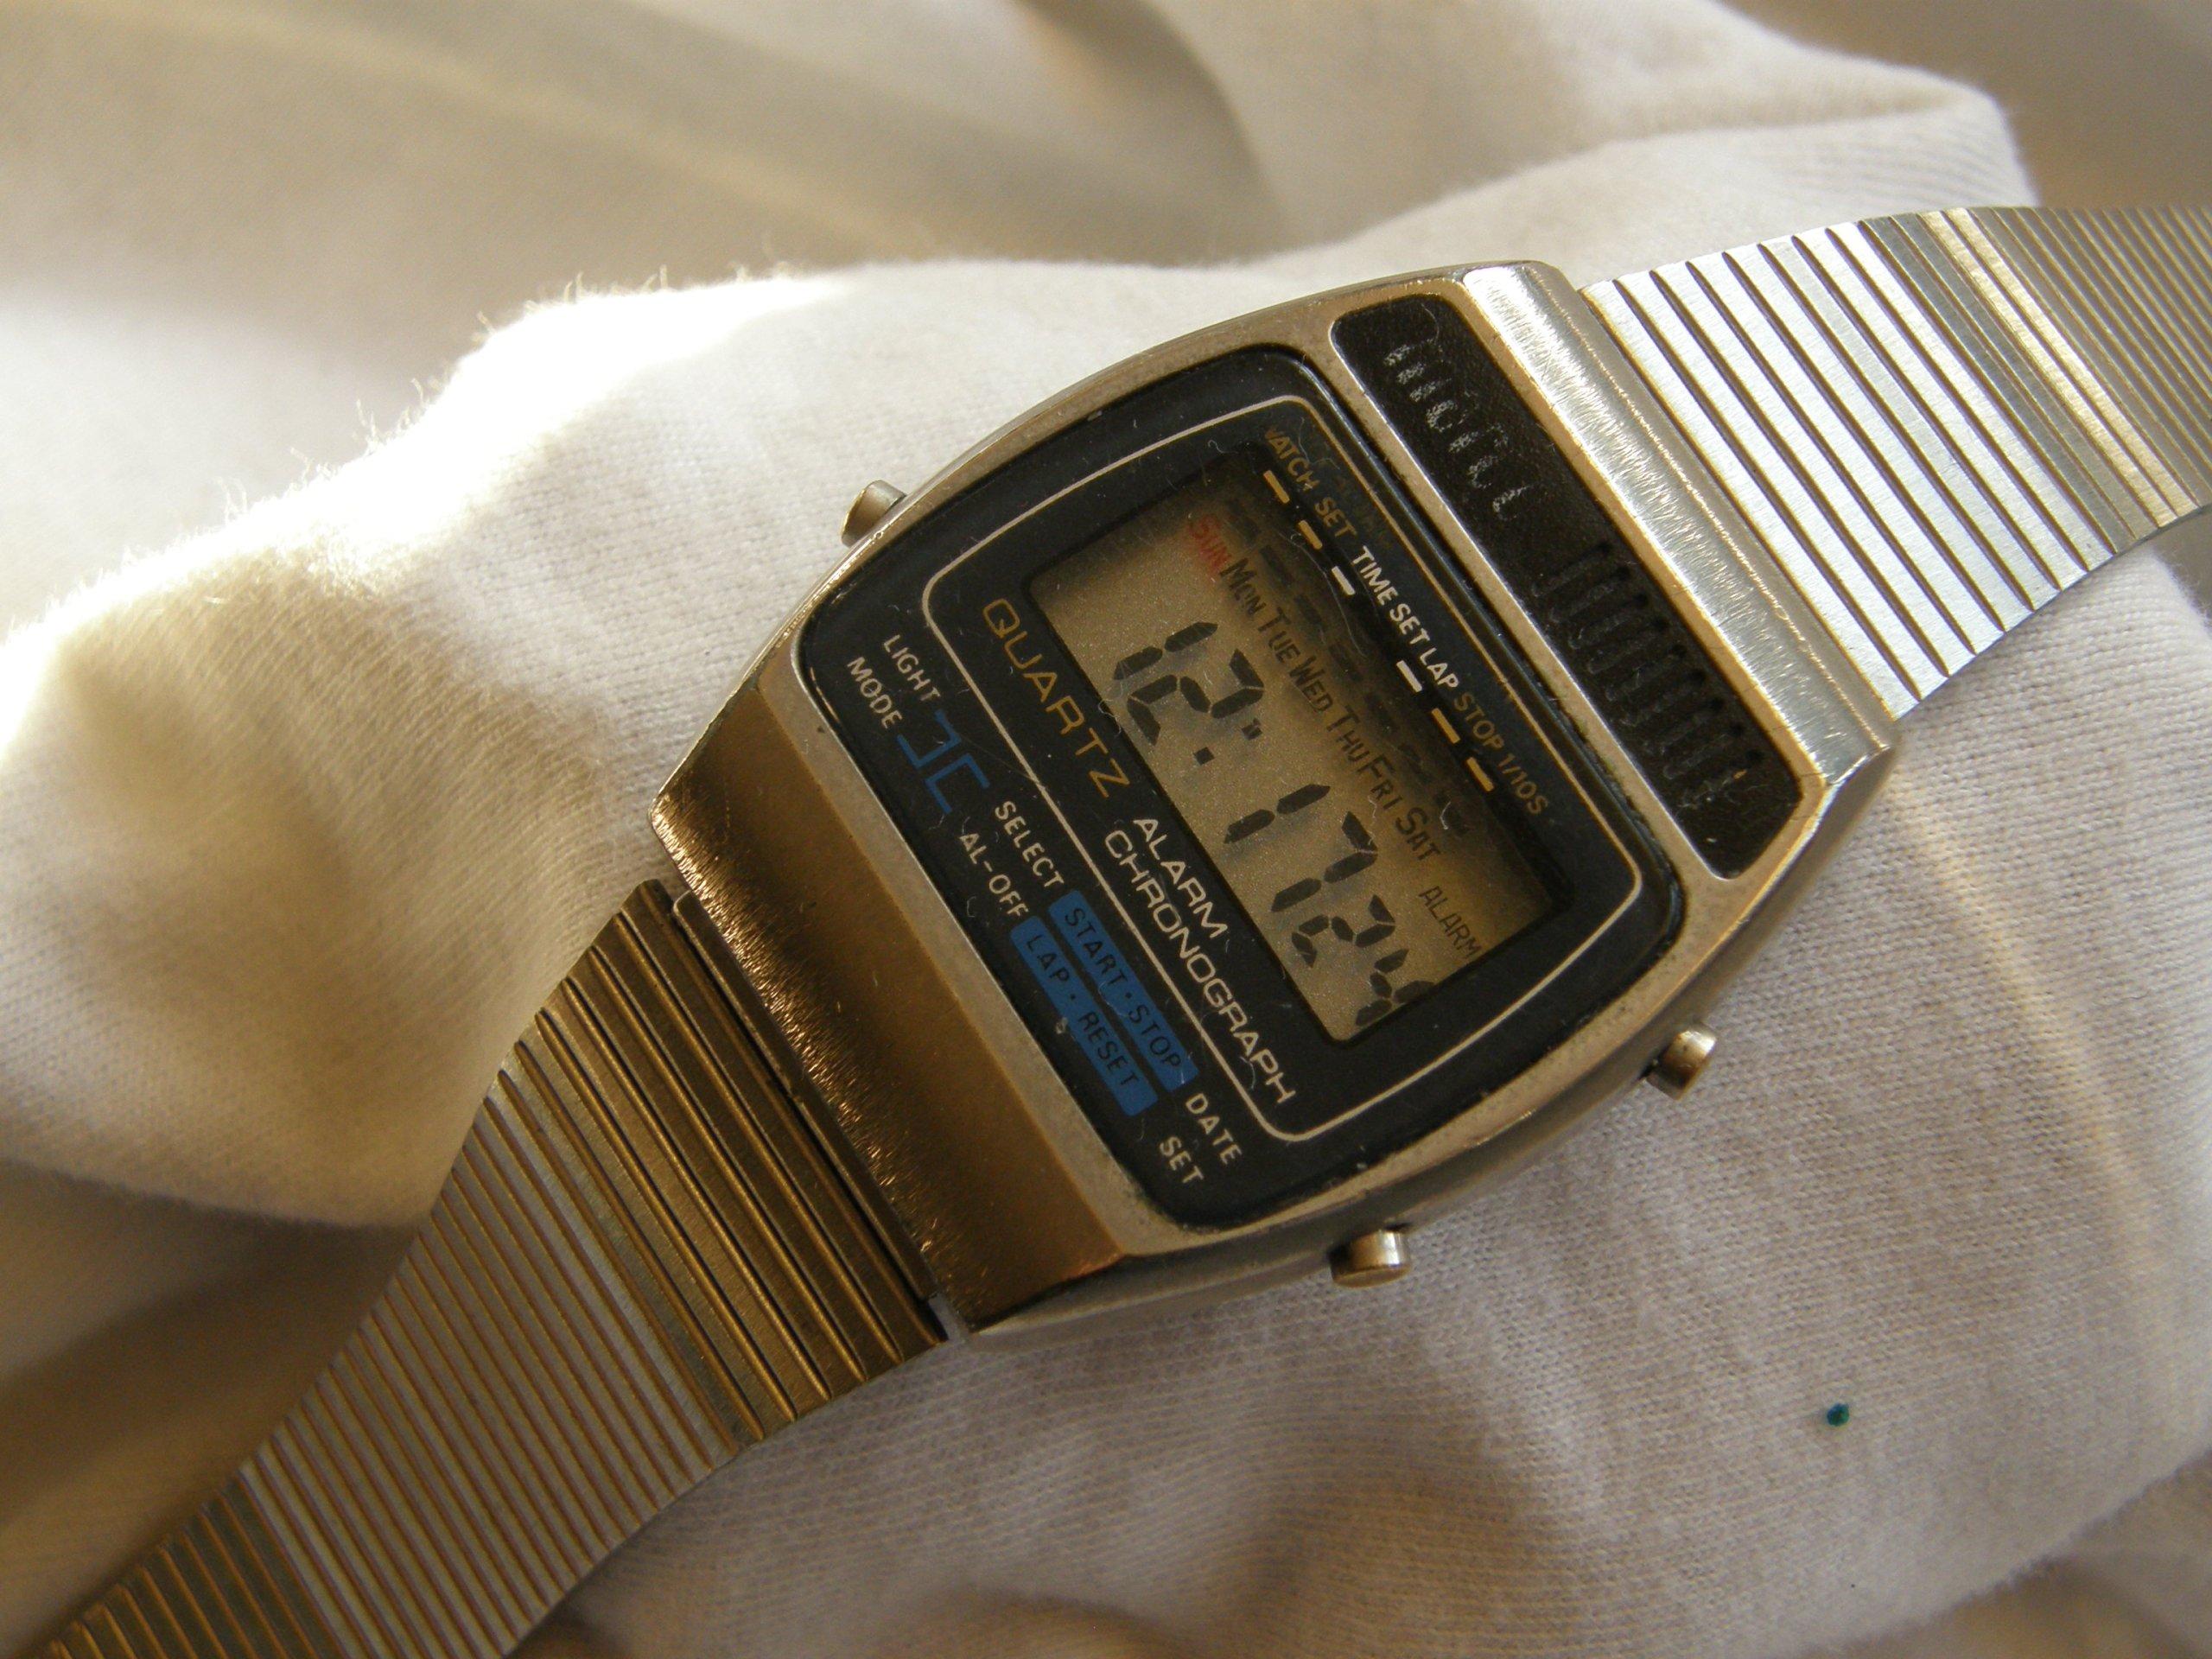 Marco Kultowy Elektroniczny Zegarek Lat 80 Tych 7285977449